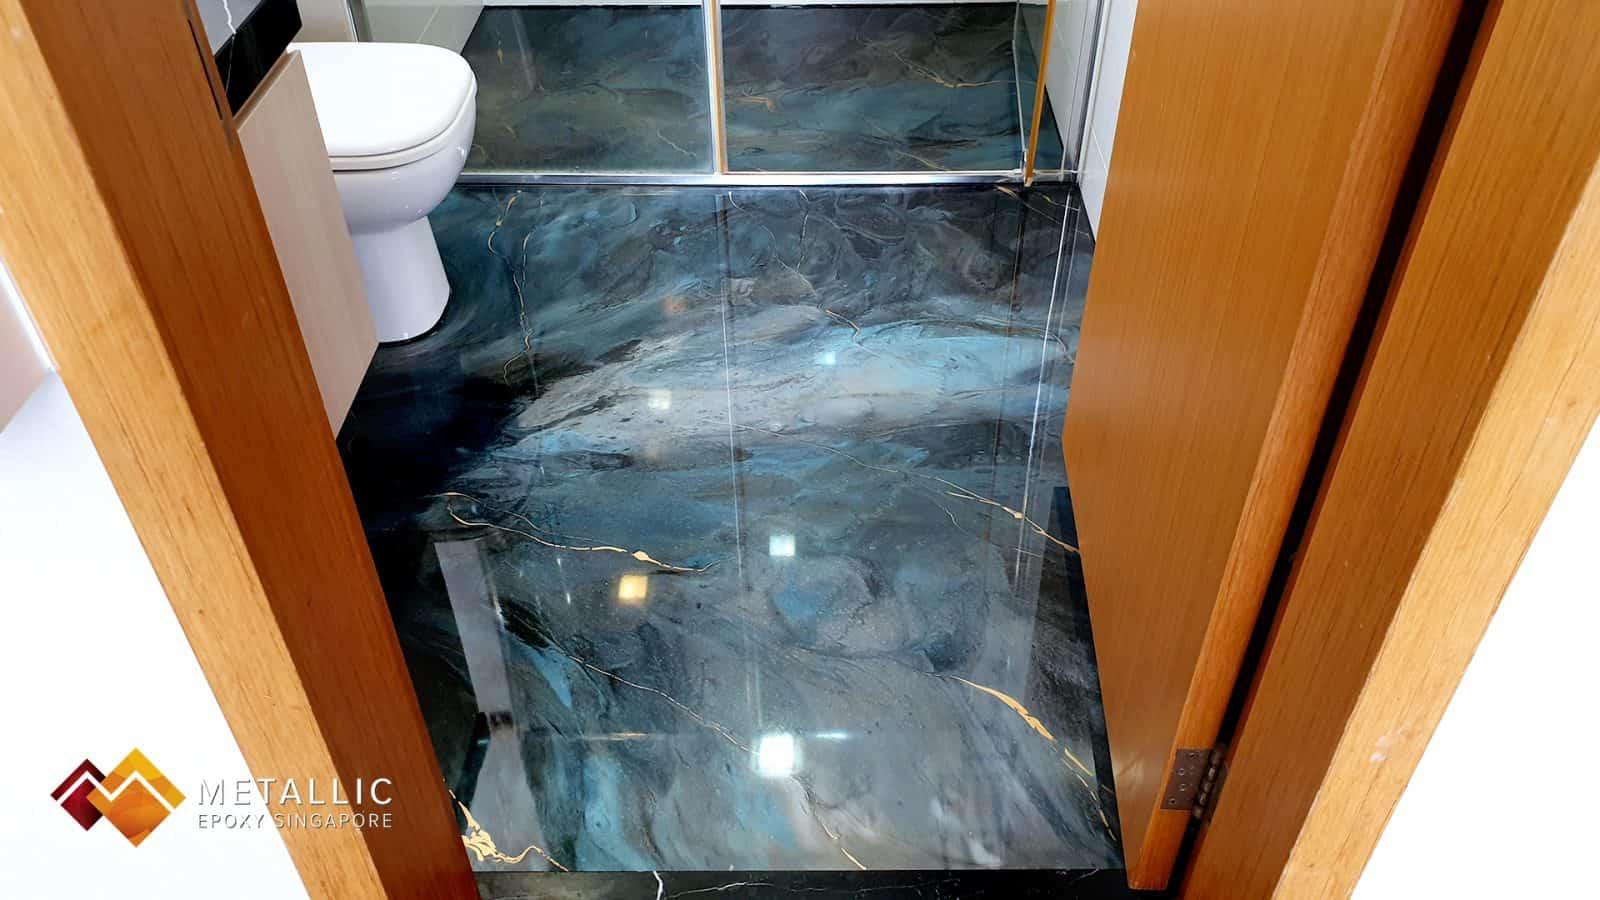 metallic epoxy bathroom floor galaxy